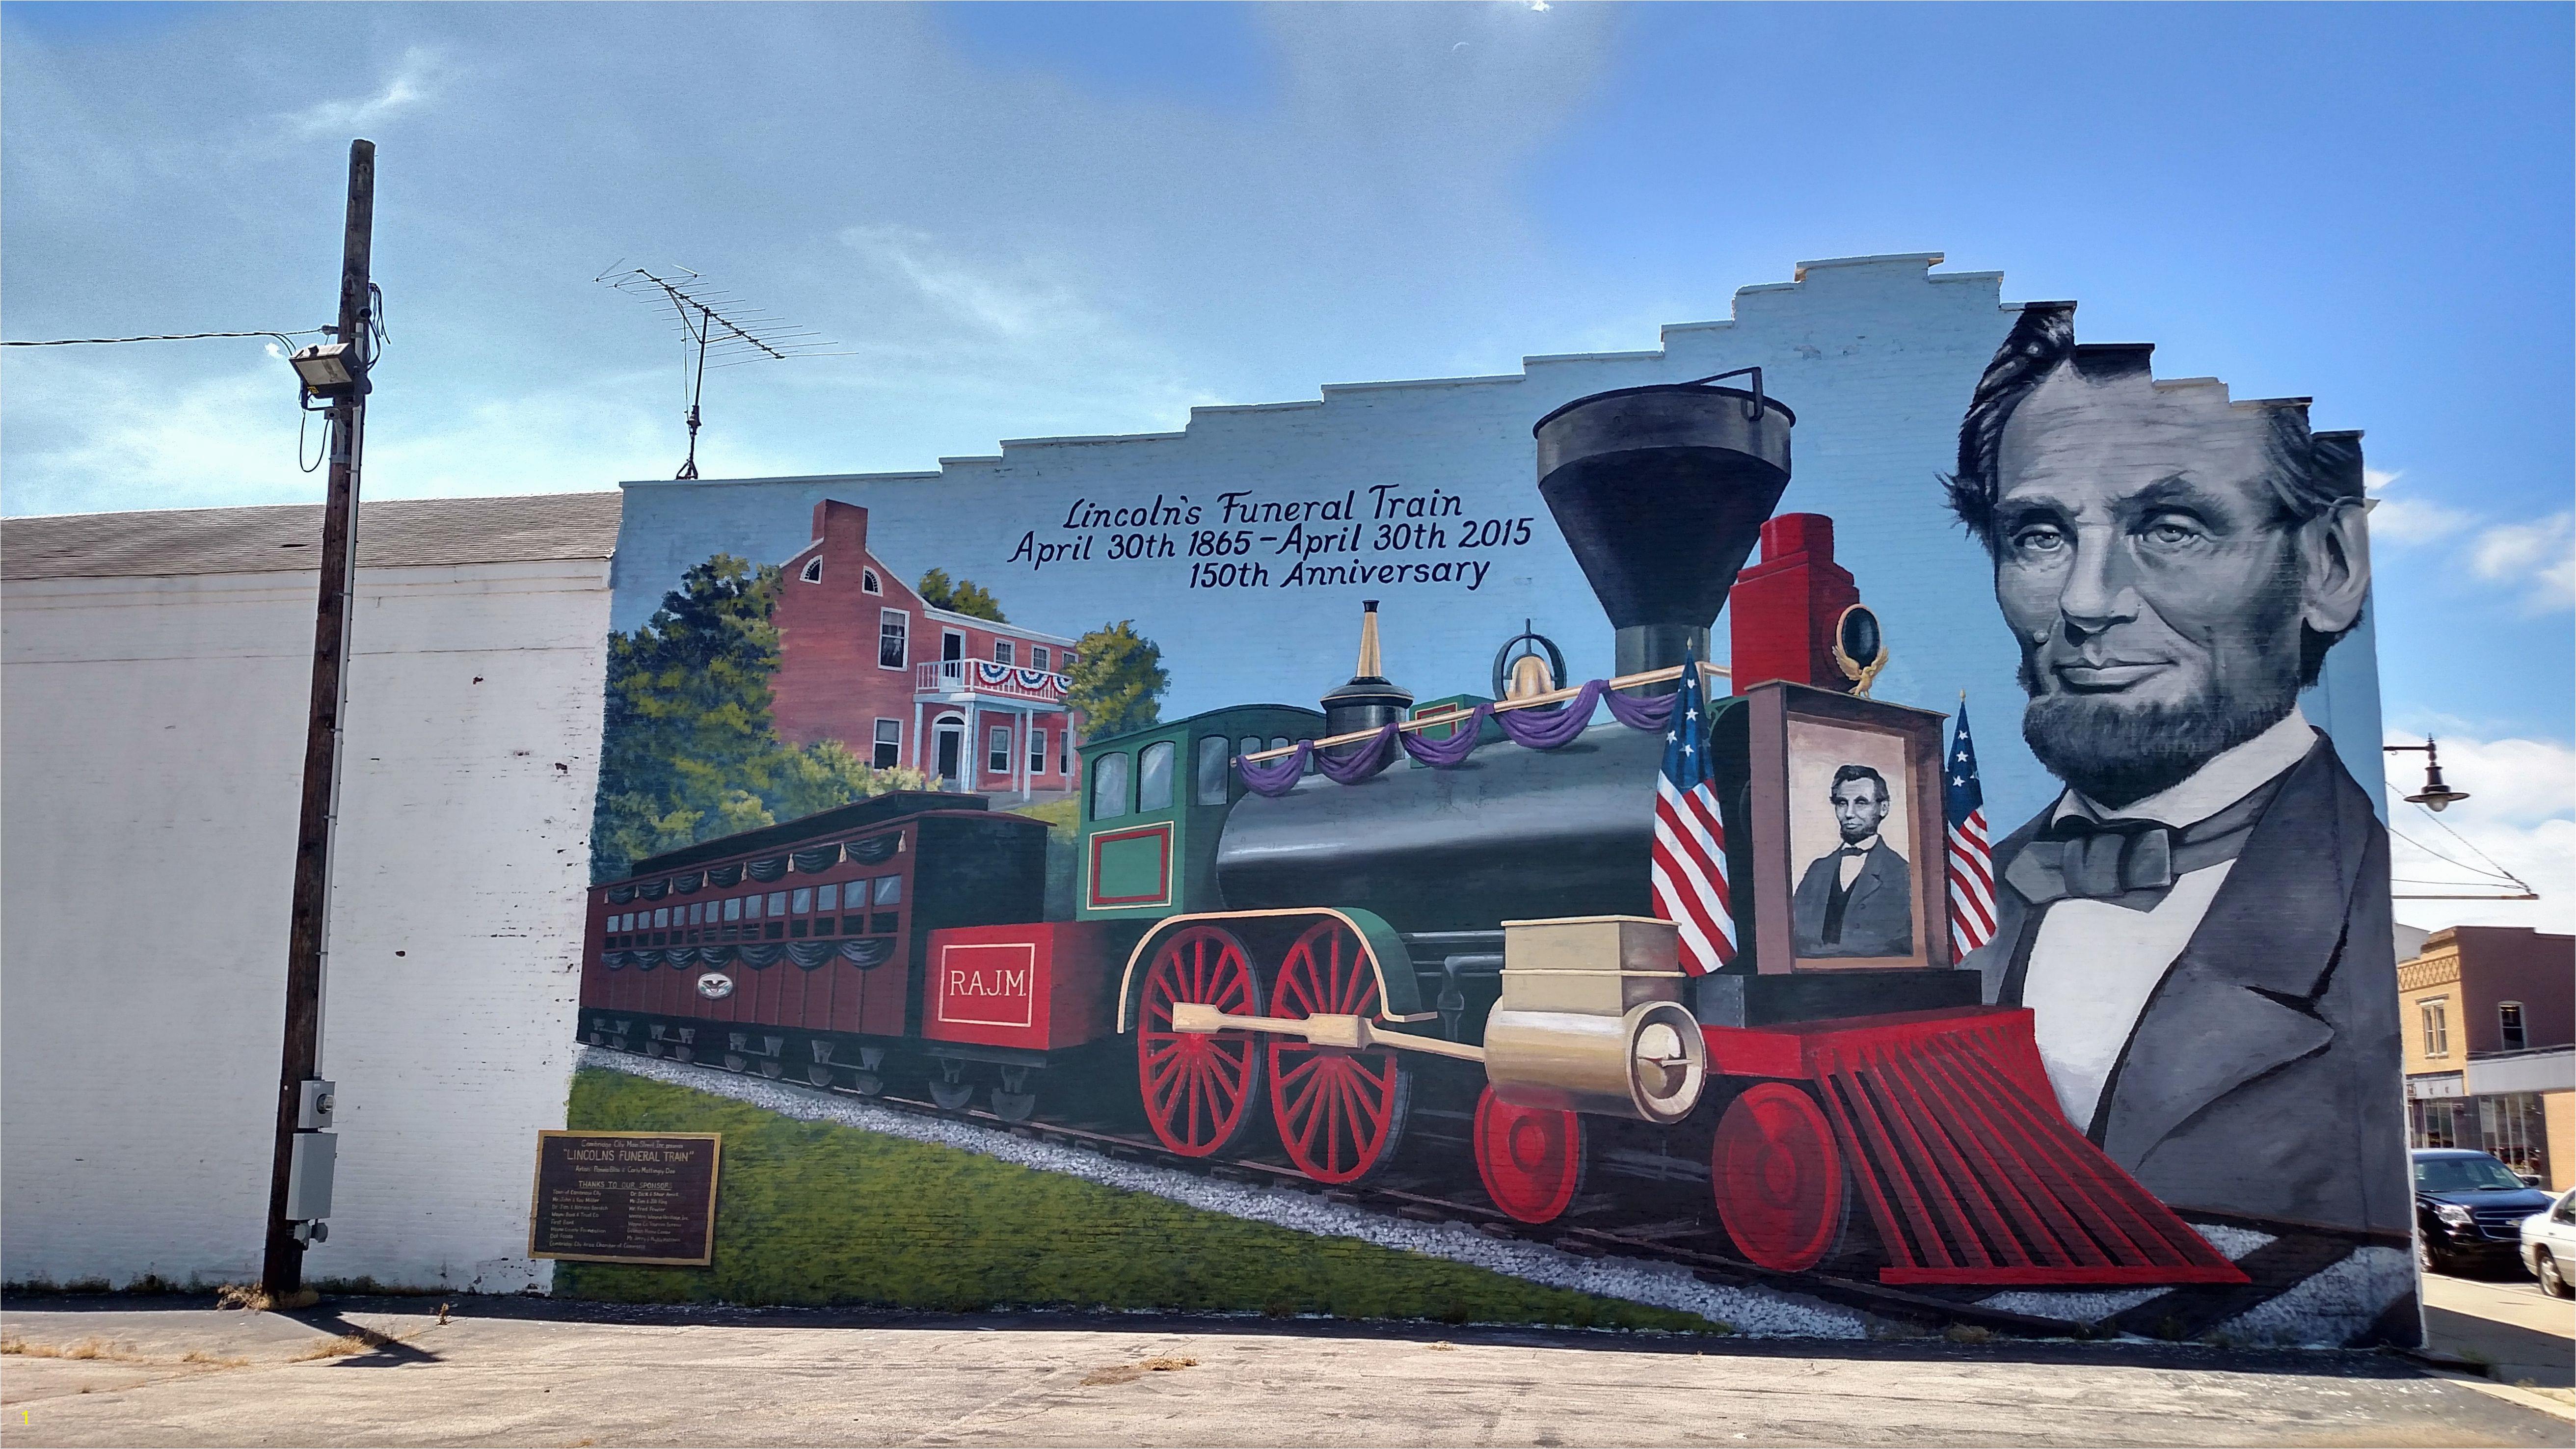 Lincoln Funeral Train Cambridge City Indiana Funeral Murals Cambridge Lincoln